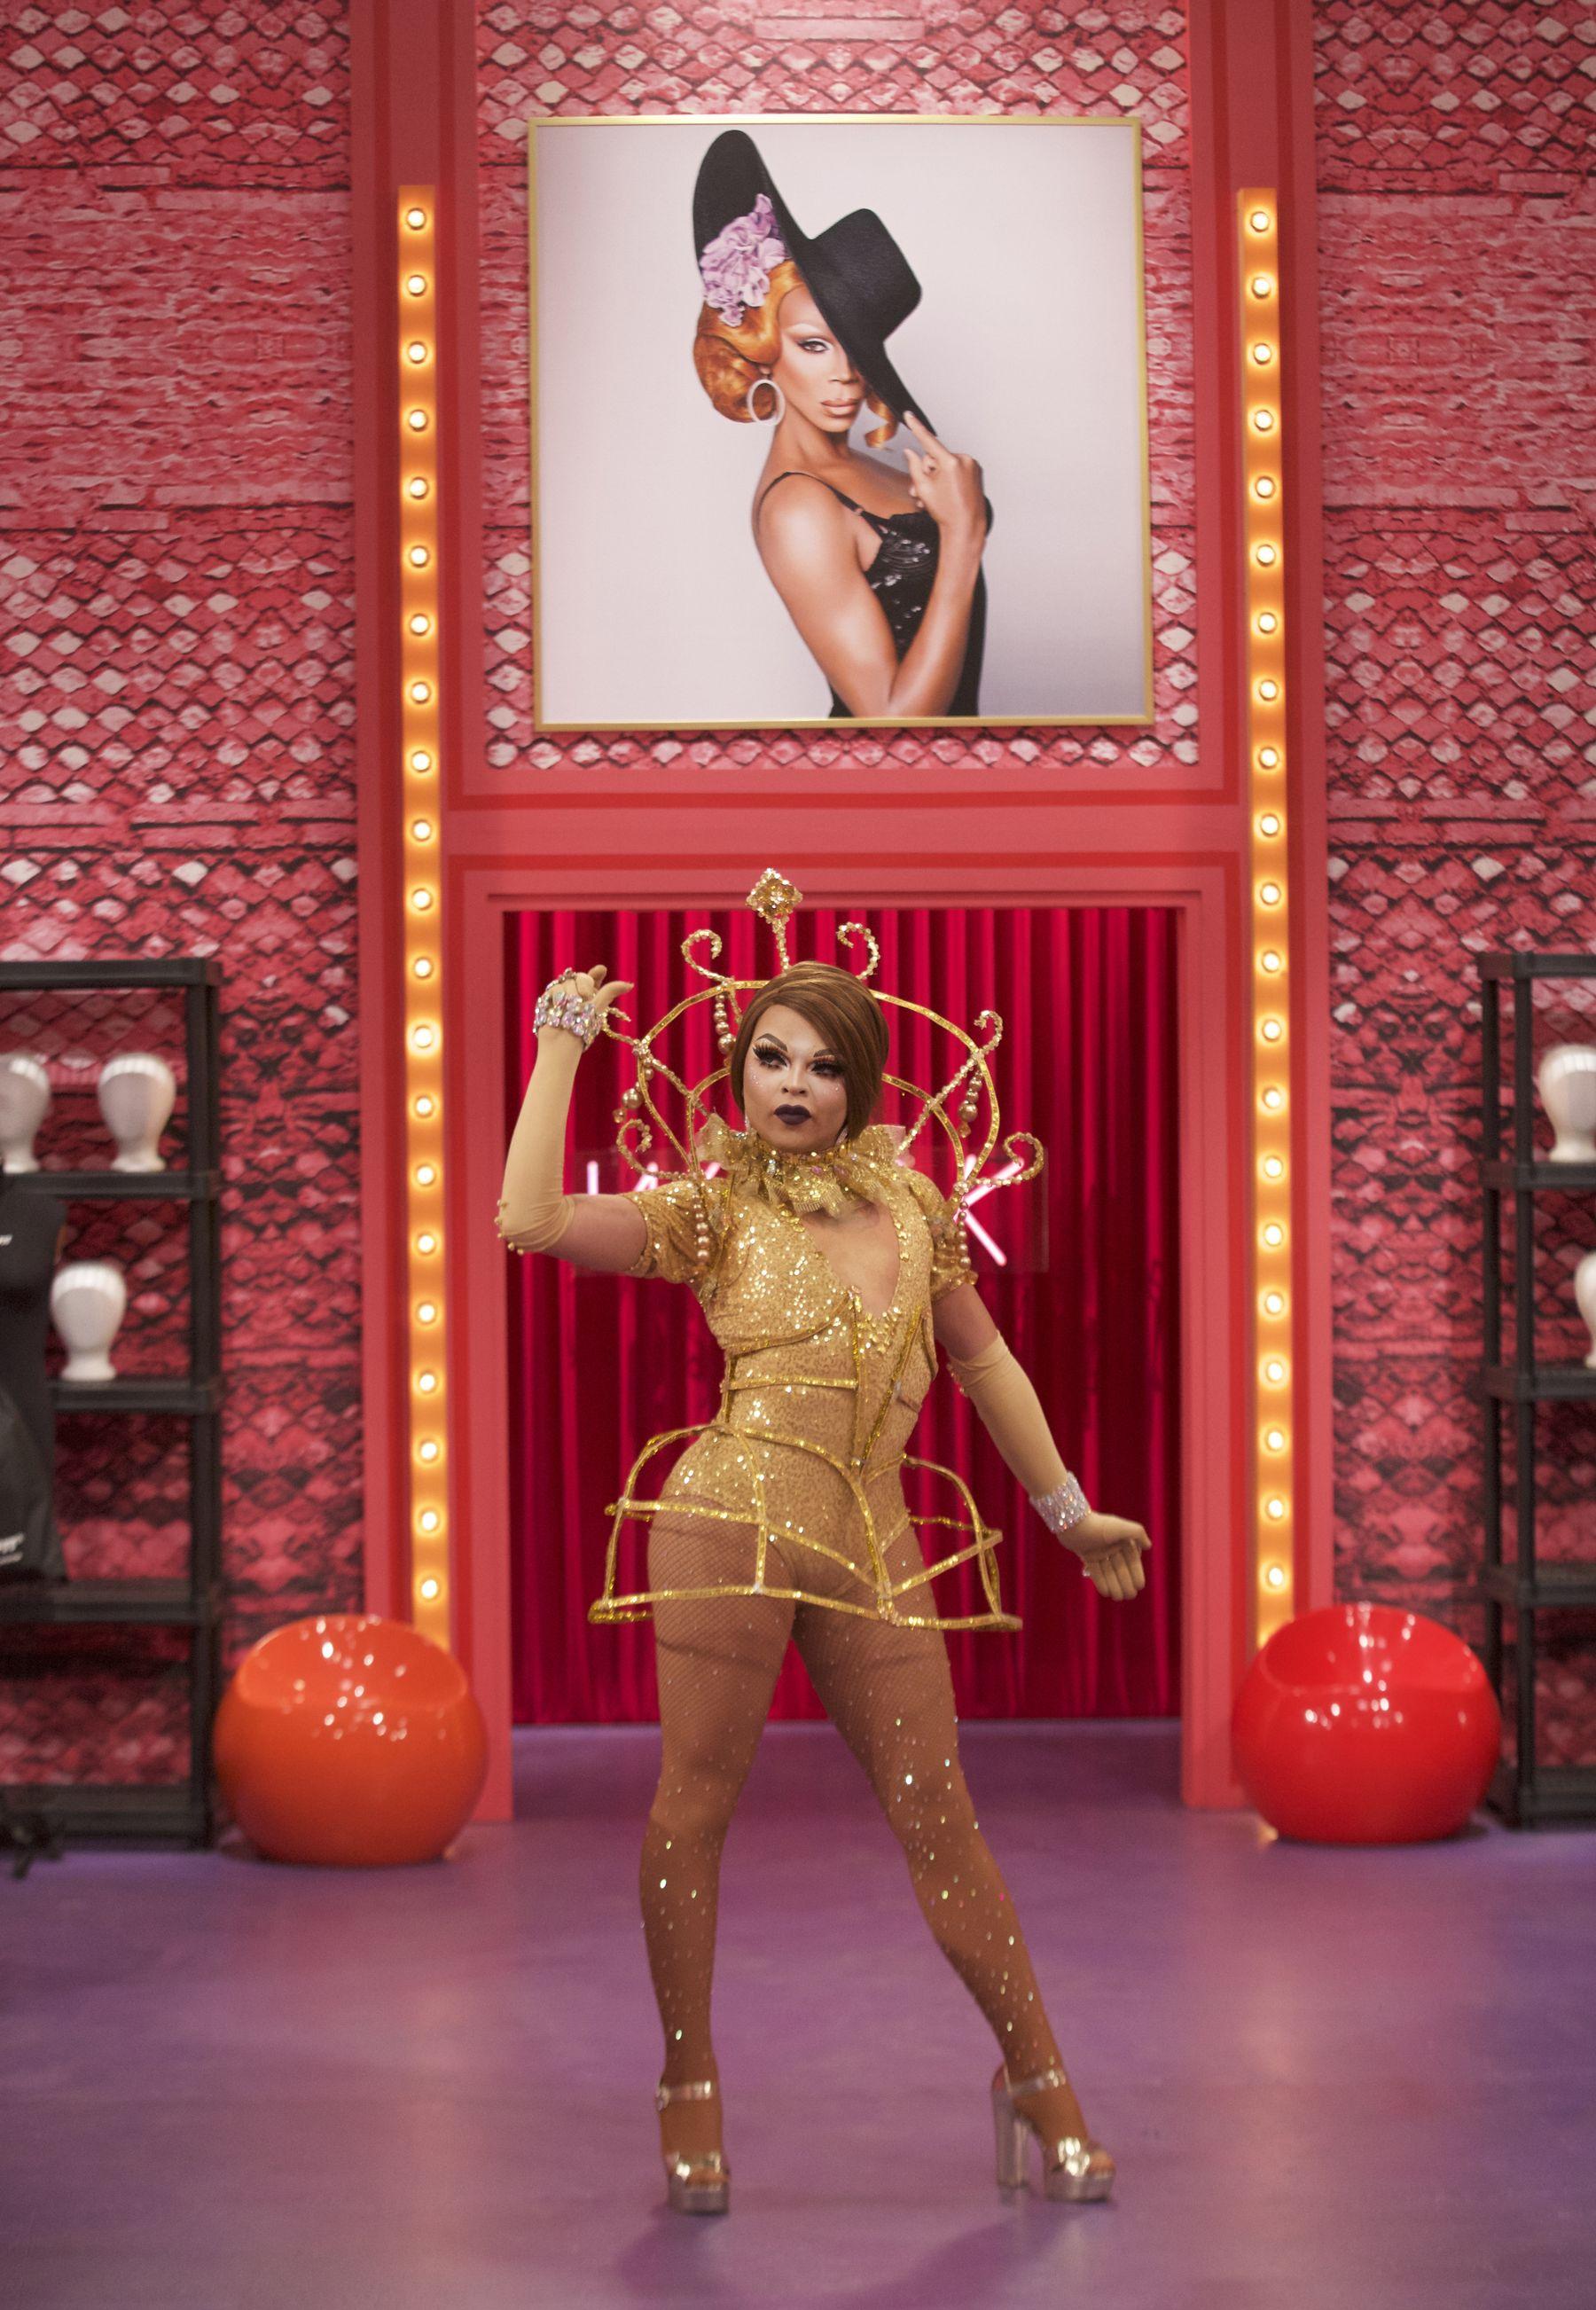 Vanessa Vanjie Mateo RuPaul's Drag Race Season 10